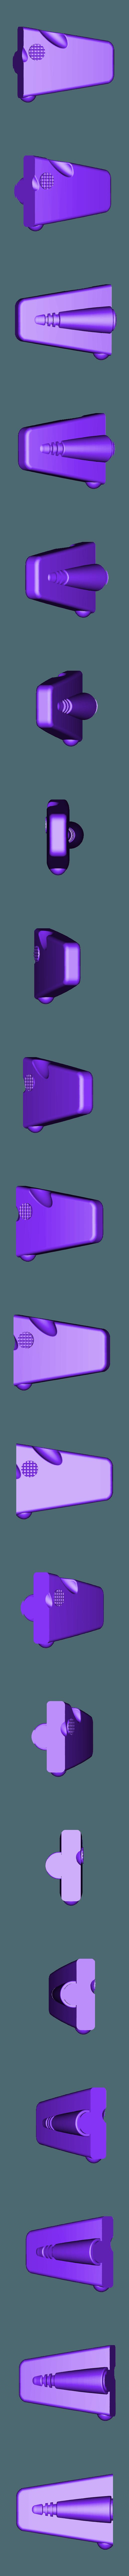 scalosian_part_2_v3.stl Télécharger fichier STL gratuit Arme scalosienne TOS • Objet à imprimer en 3D, poblocki1982